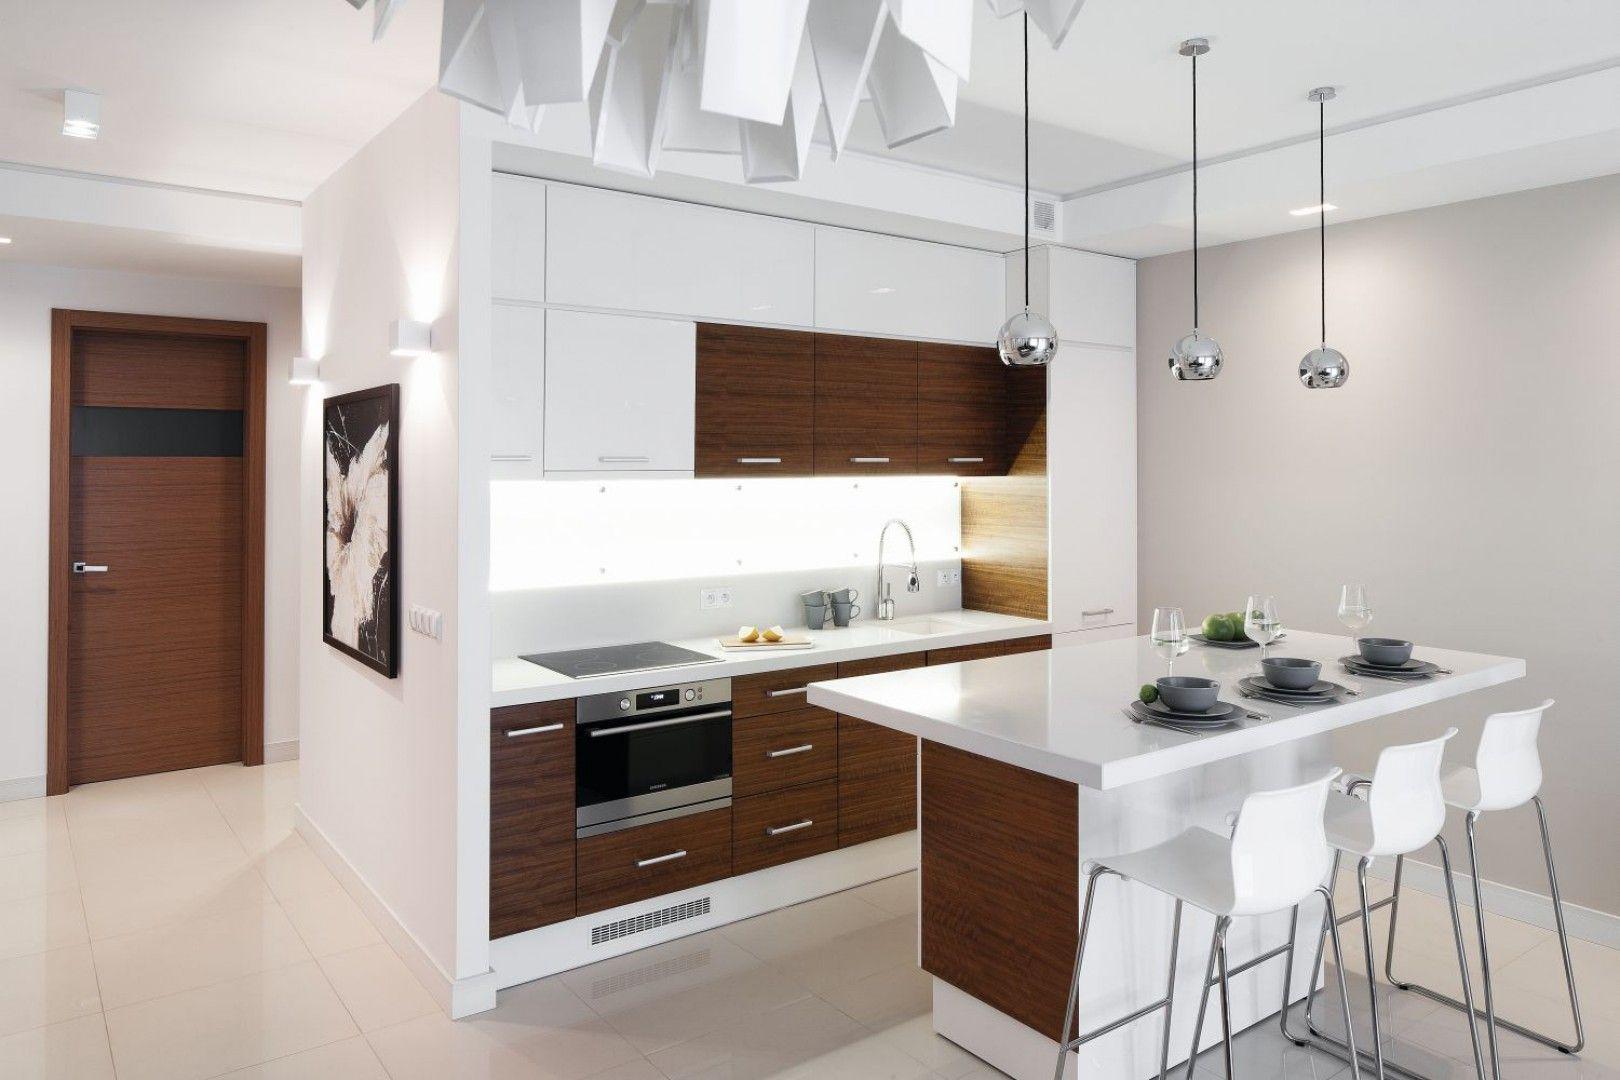 Zabudowe Kuchenna Umieszczono Tylko Przy Jednej Scianie Dzieki Temu Aneks Kuchenny Stal Sie Subtelnym Tle Modern Kitchen Island Kitchen Remodel Modern Kitchen